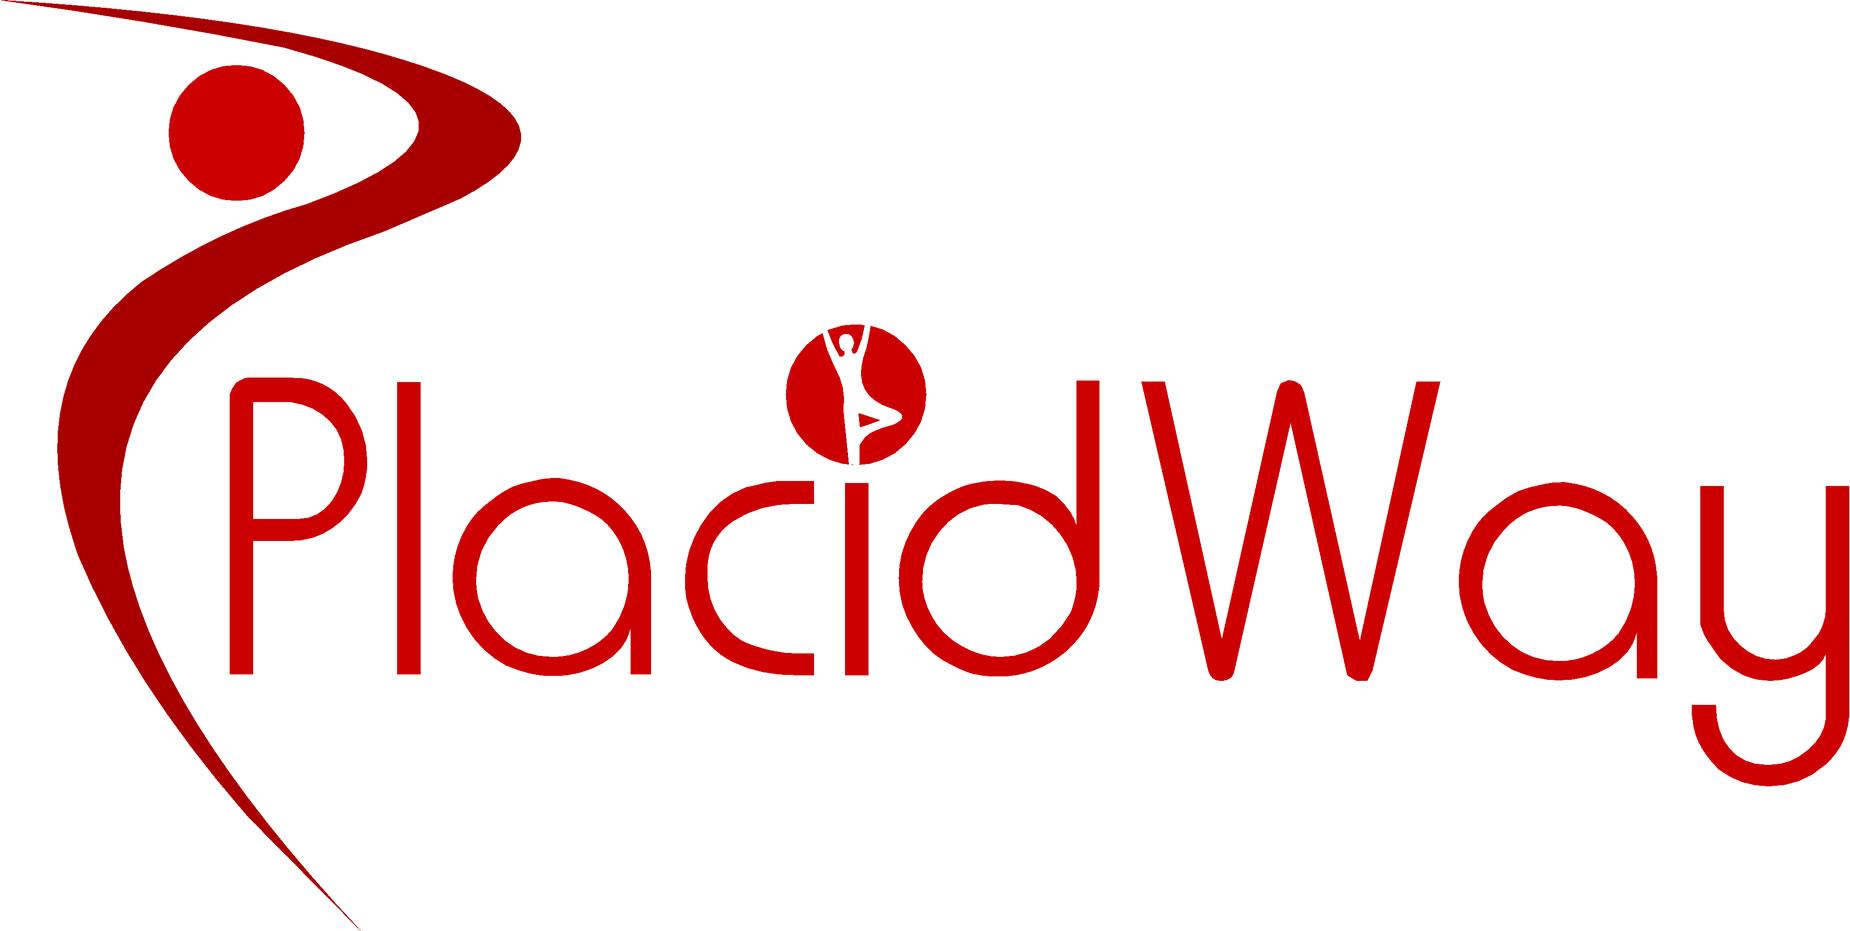 placidway_print_logo